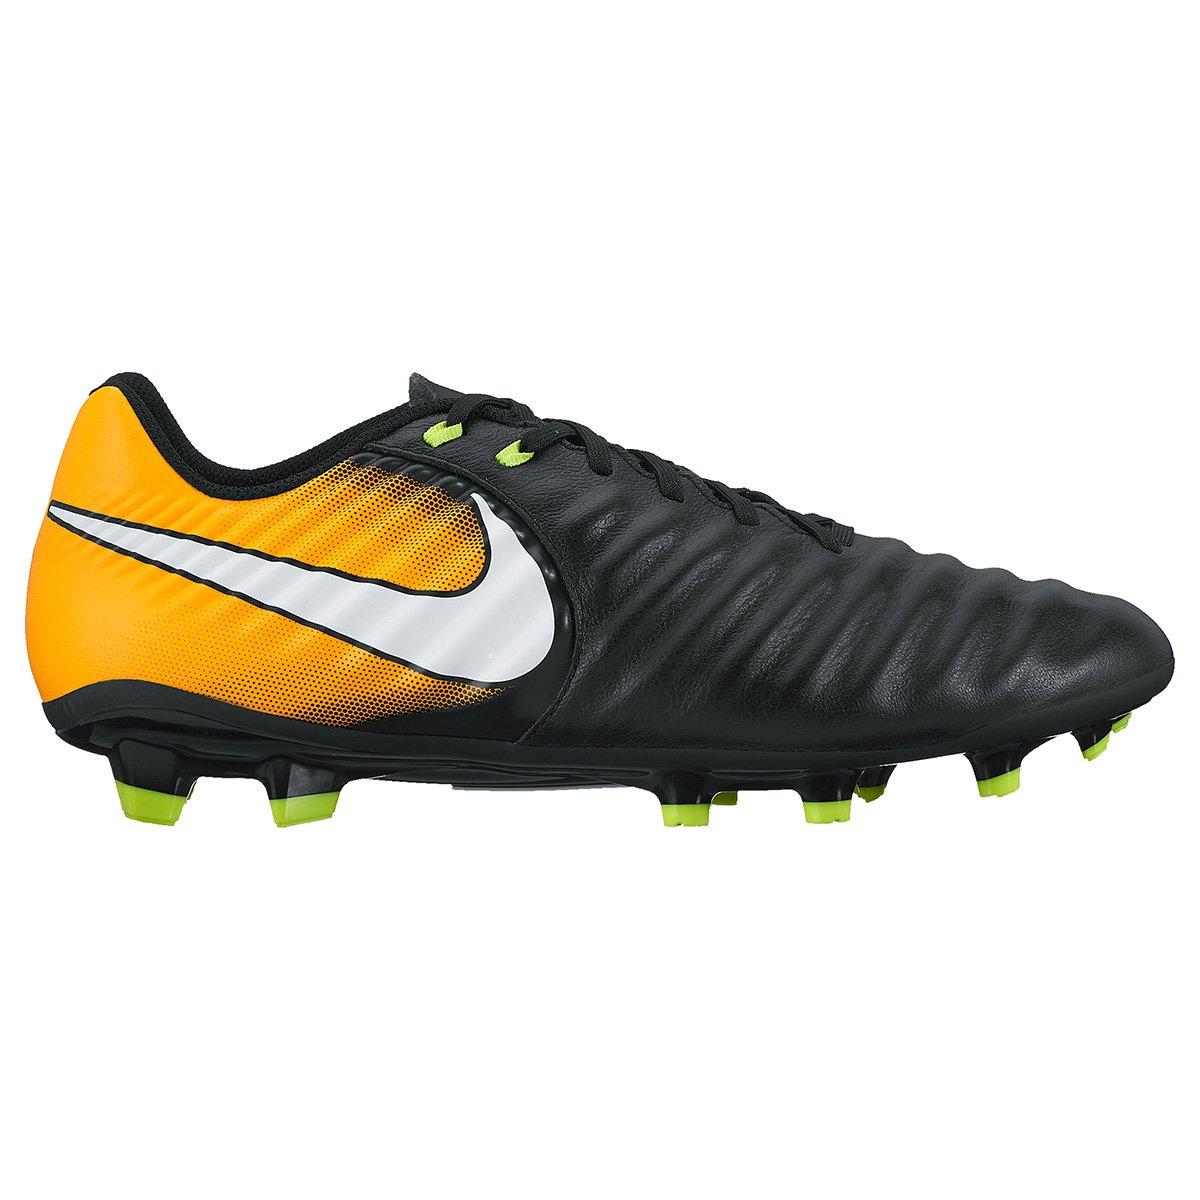 3b9e46956b8b3 Chuteira Campo Nike Tiempo Ligera 4 FG - Preto e Laranja - Compre Agora